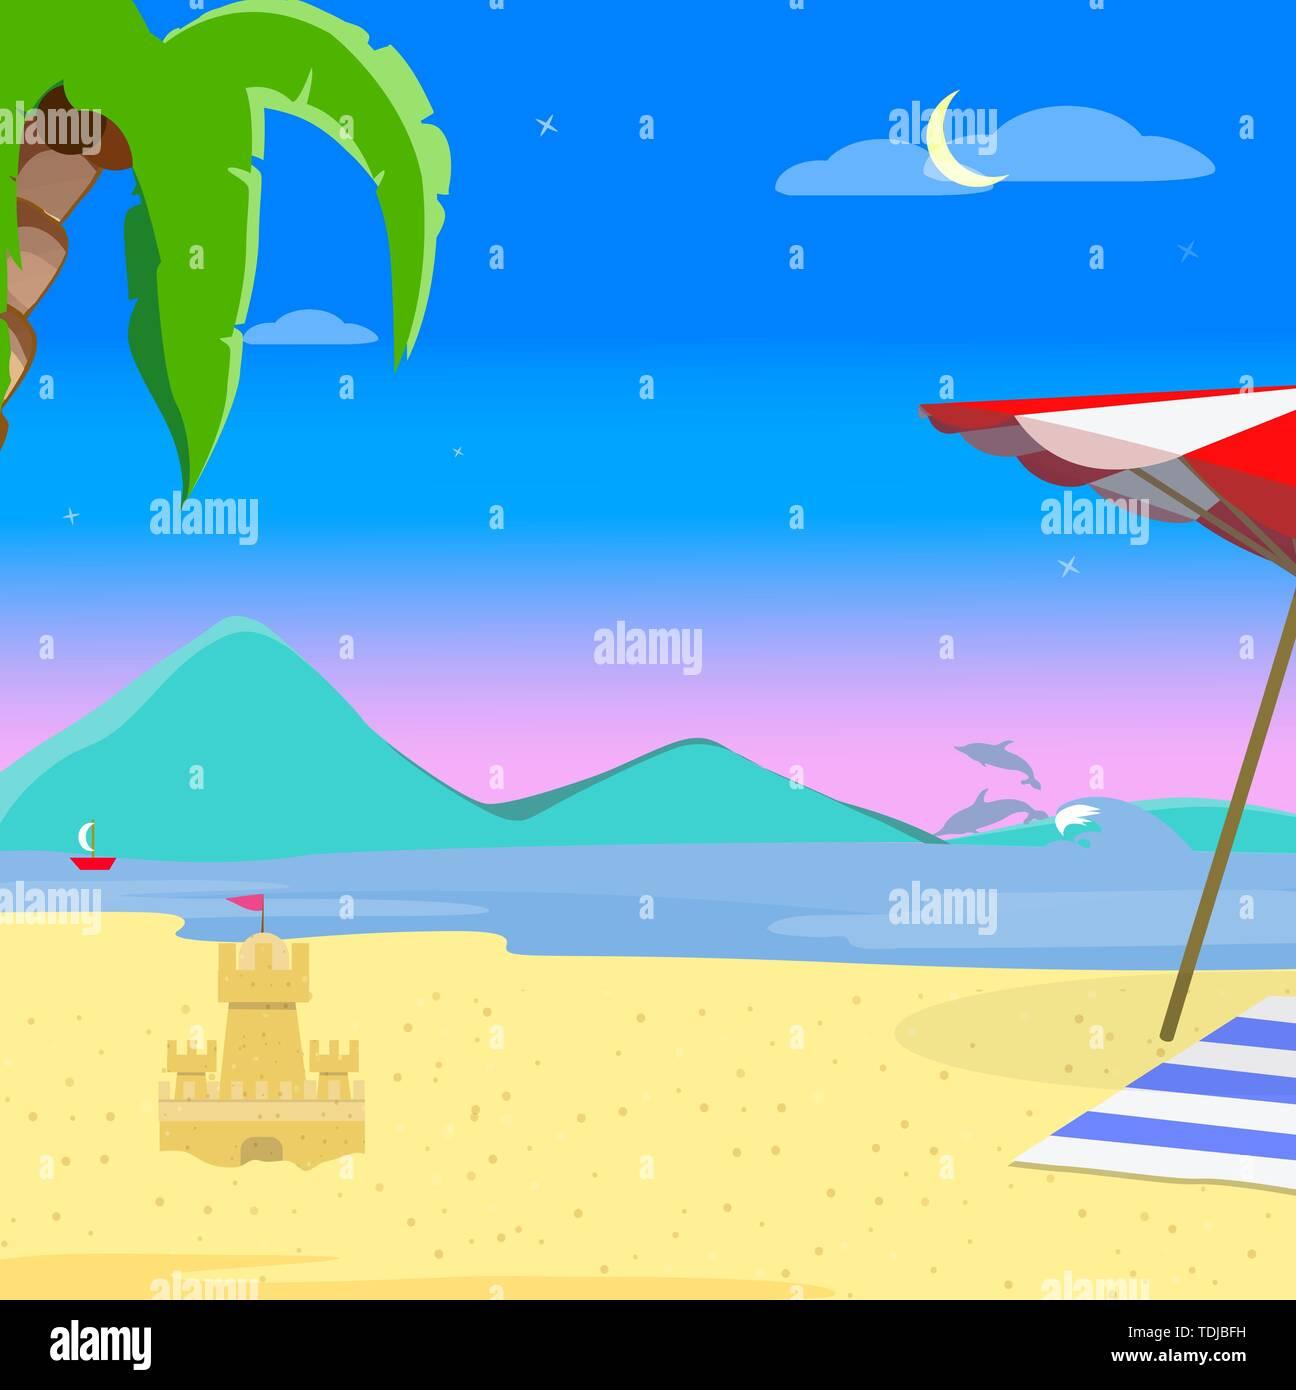 Sommer Strand Hintergrund, am Abend exotische Landschaft am Meer bei Sonnenuntergang Sonnenuntergang, Resort Küste Meereslandschaft mit Palme, Delphin, Segelschiff und Sa Stockbild